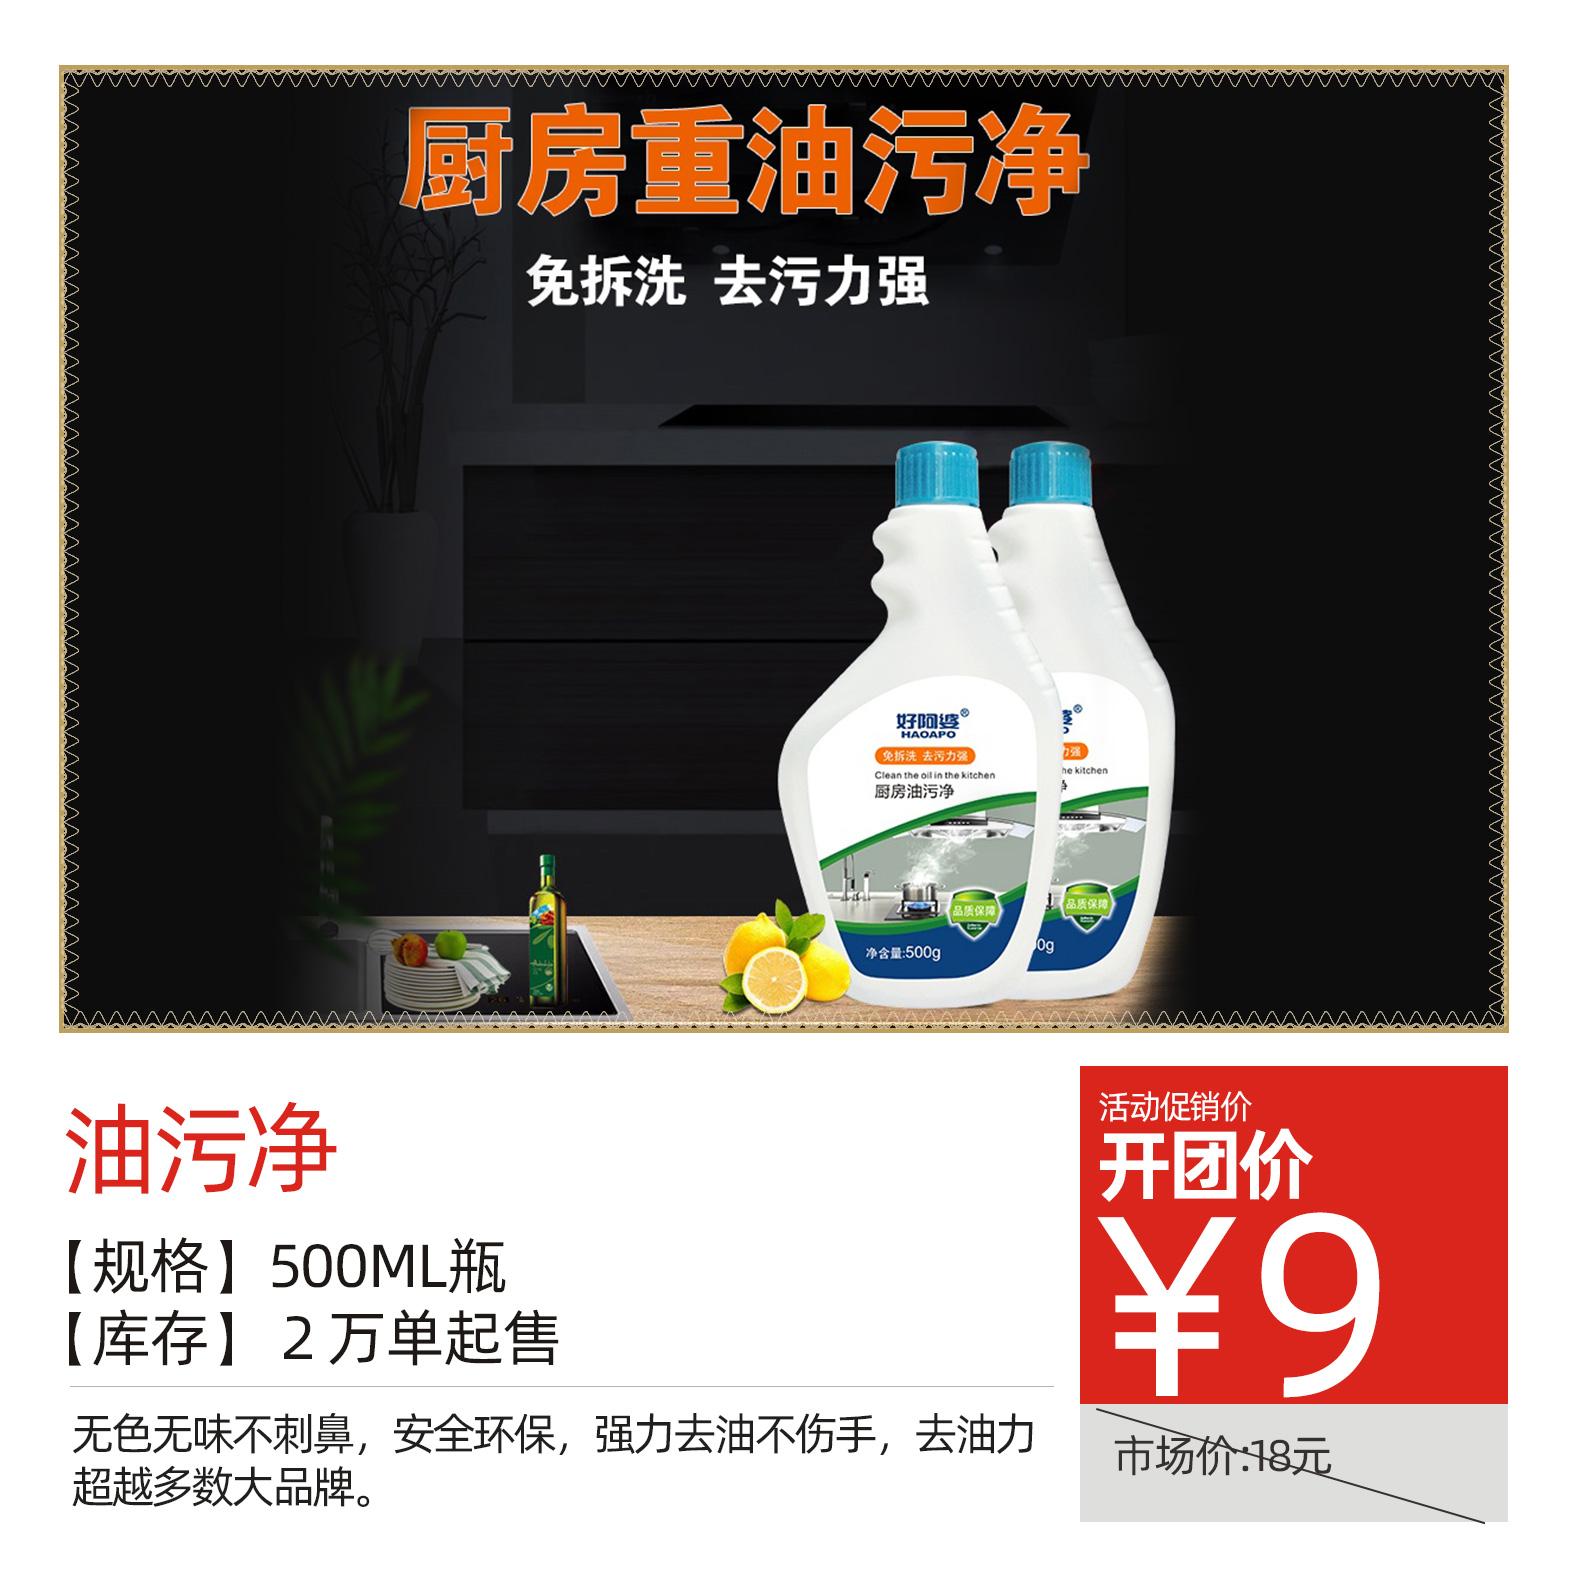 油污净500ml/瓶--2万单起售(供货价:2.6)